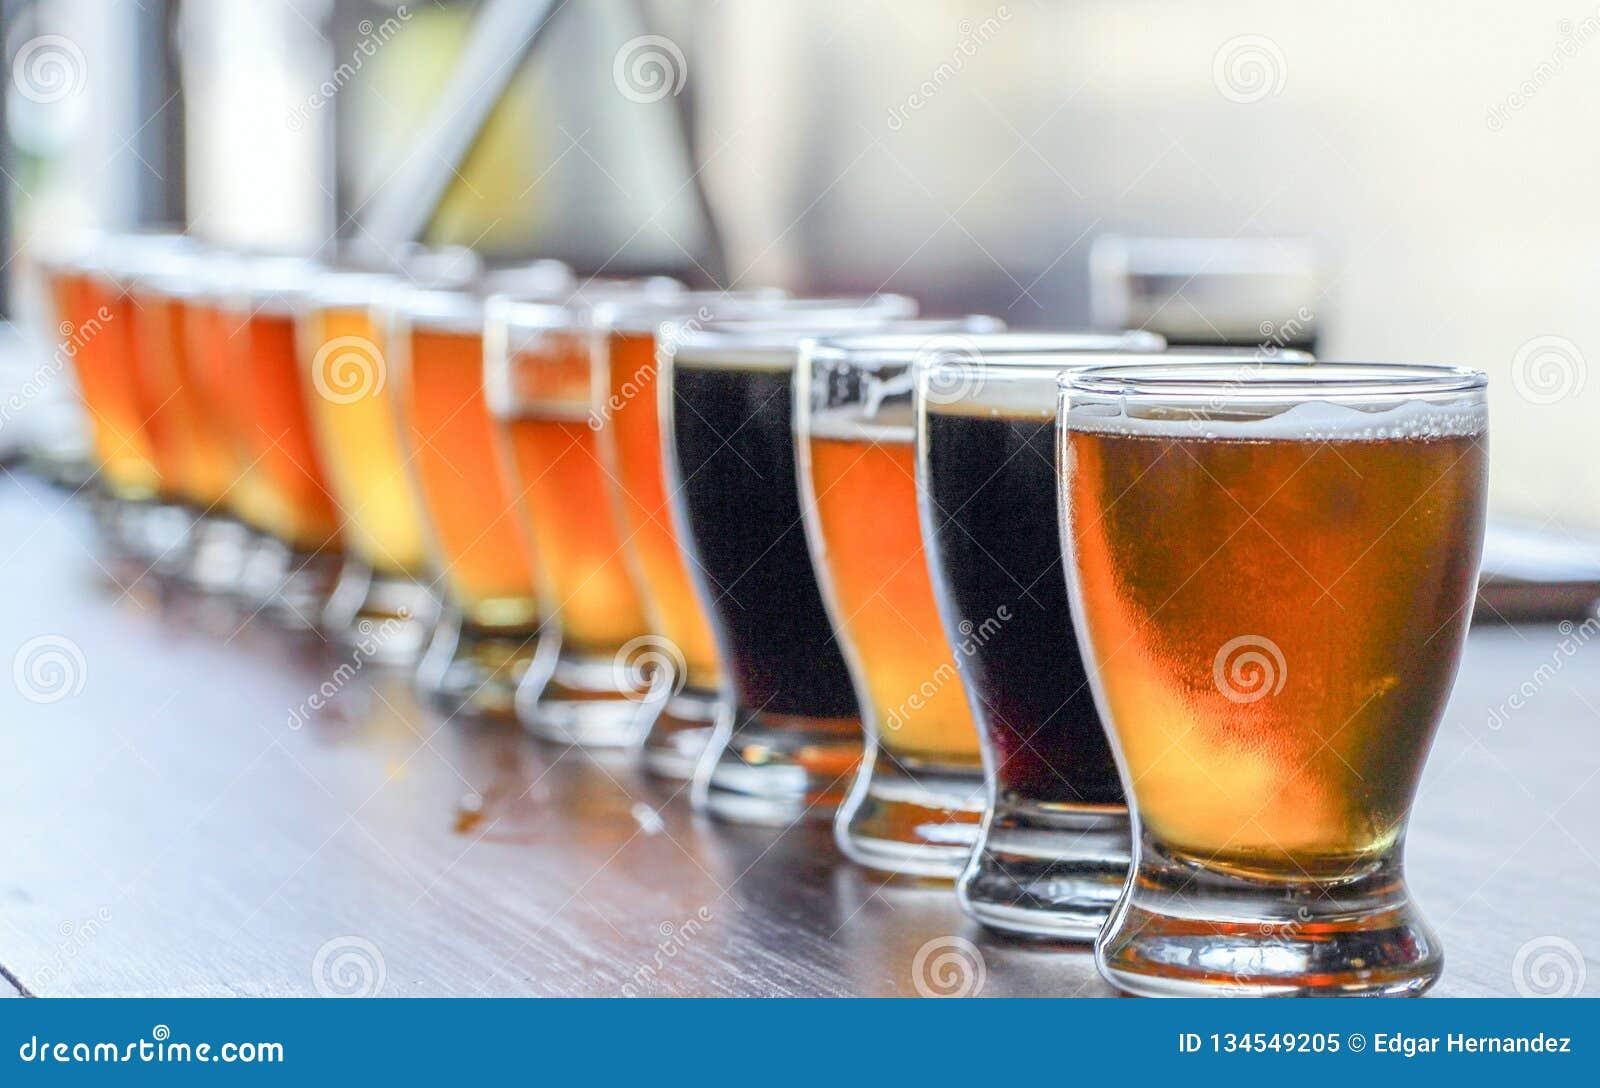 Microbrewery Craft Beer Tasting Flight